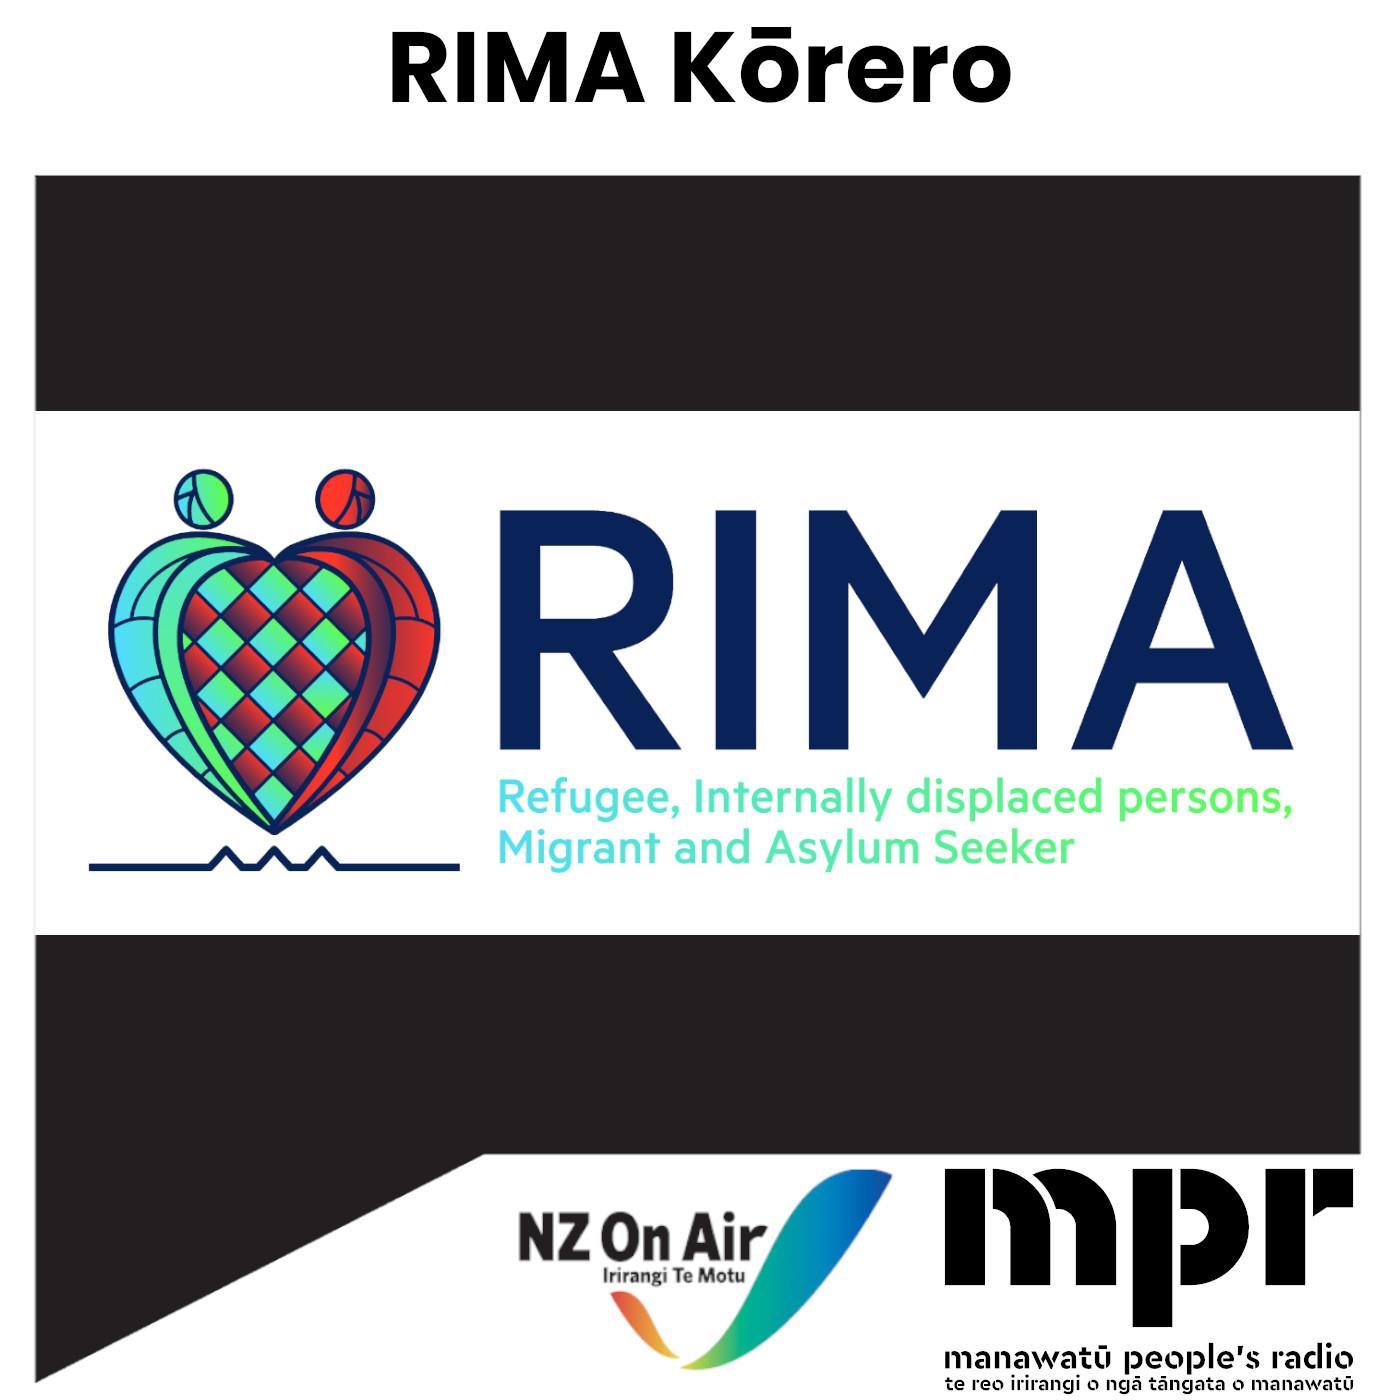 RIMA Kōrero